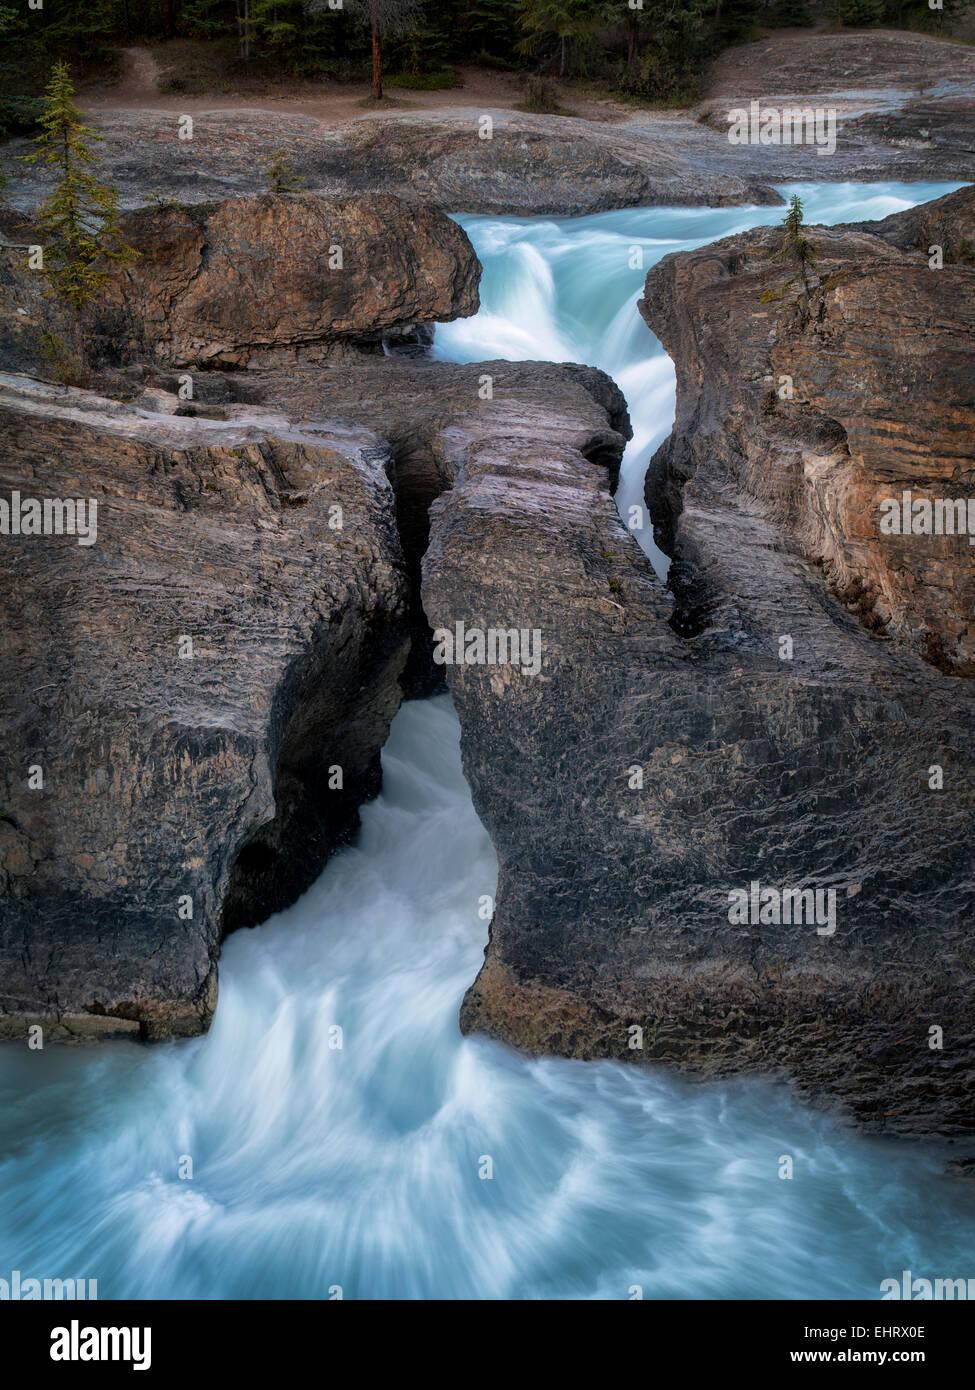 Río Kicking Horse y Puente Natural cae en British Columbia's Canadian Rockies y el Parque Nacional Yoho. Foto de stock